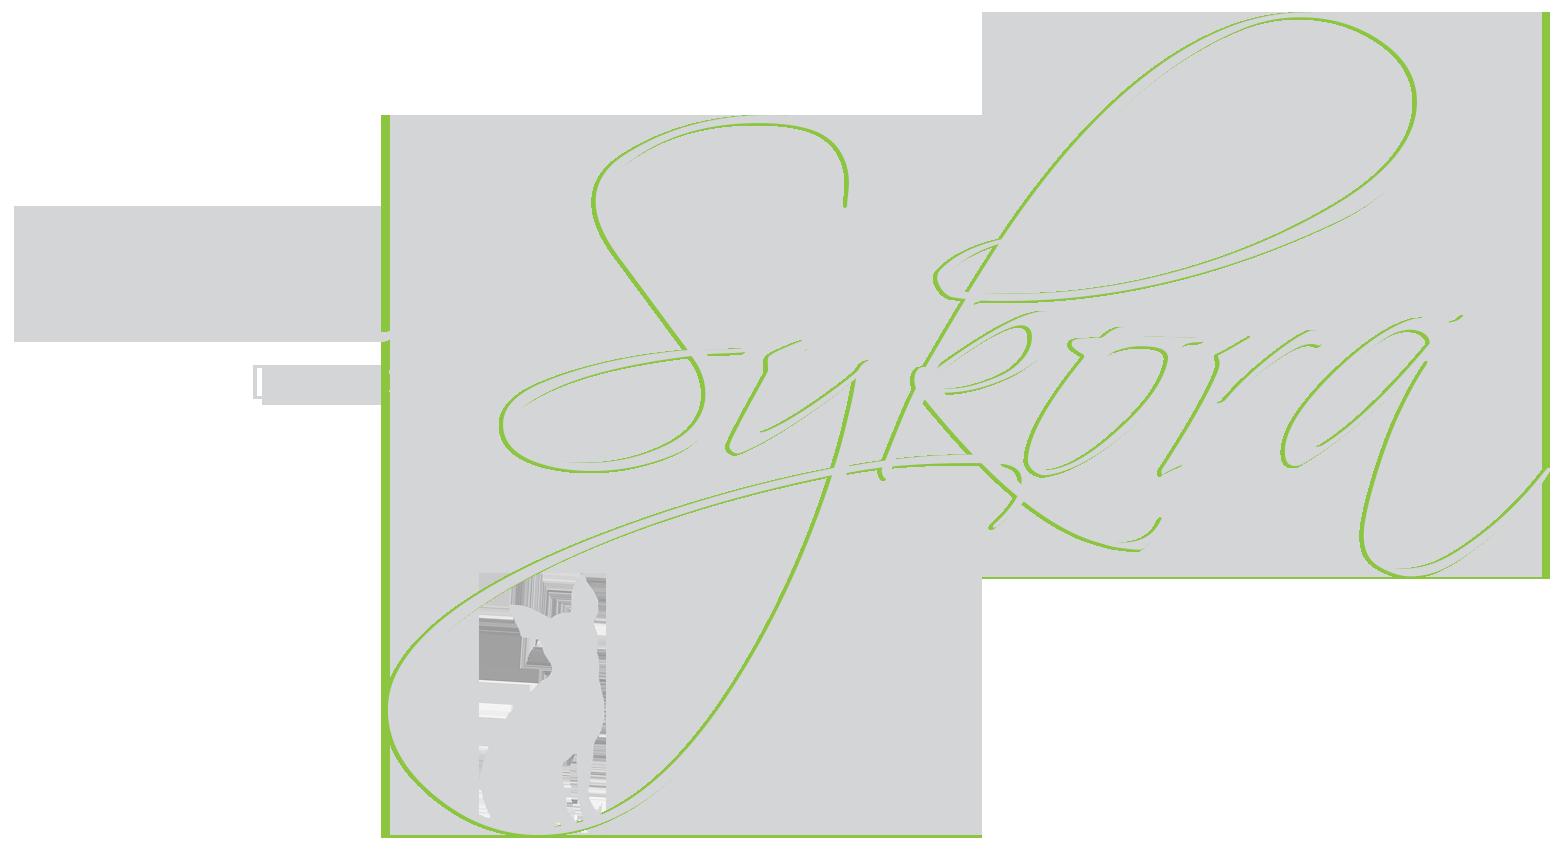 SykoraArt